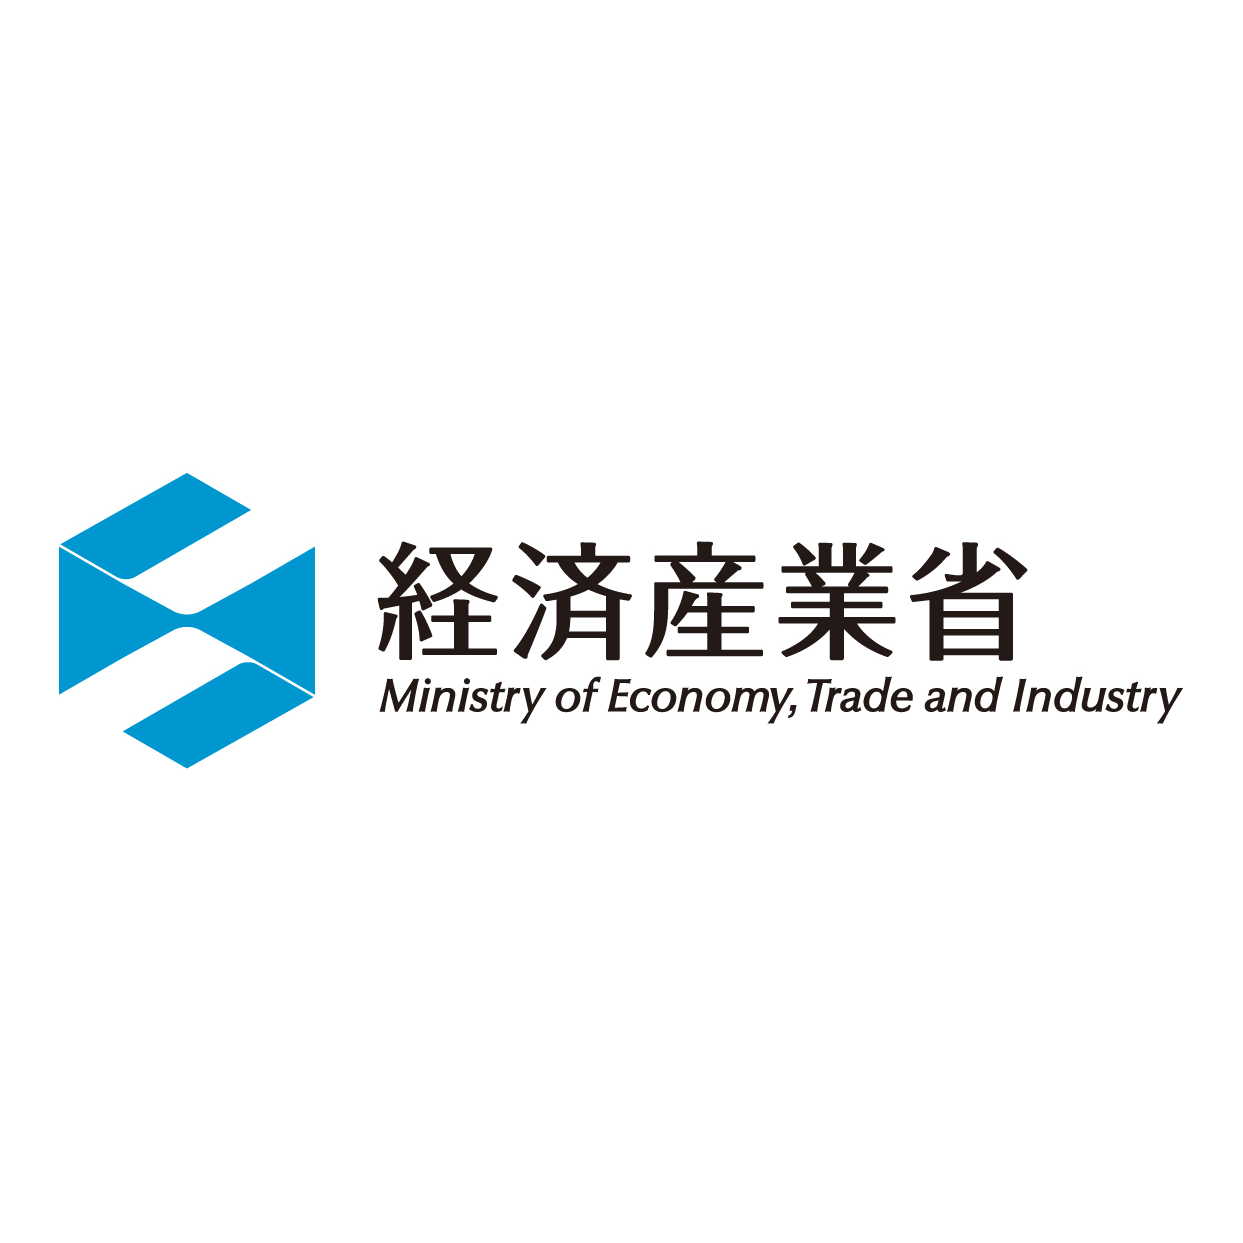 経済産業省「ポスト5G情報通信システム基盤強化研究開発事業/ポスト5G情報通信システムの開発」に弊社が採択されました